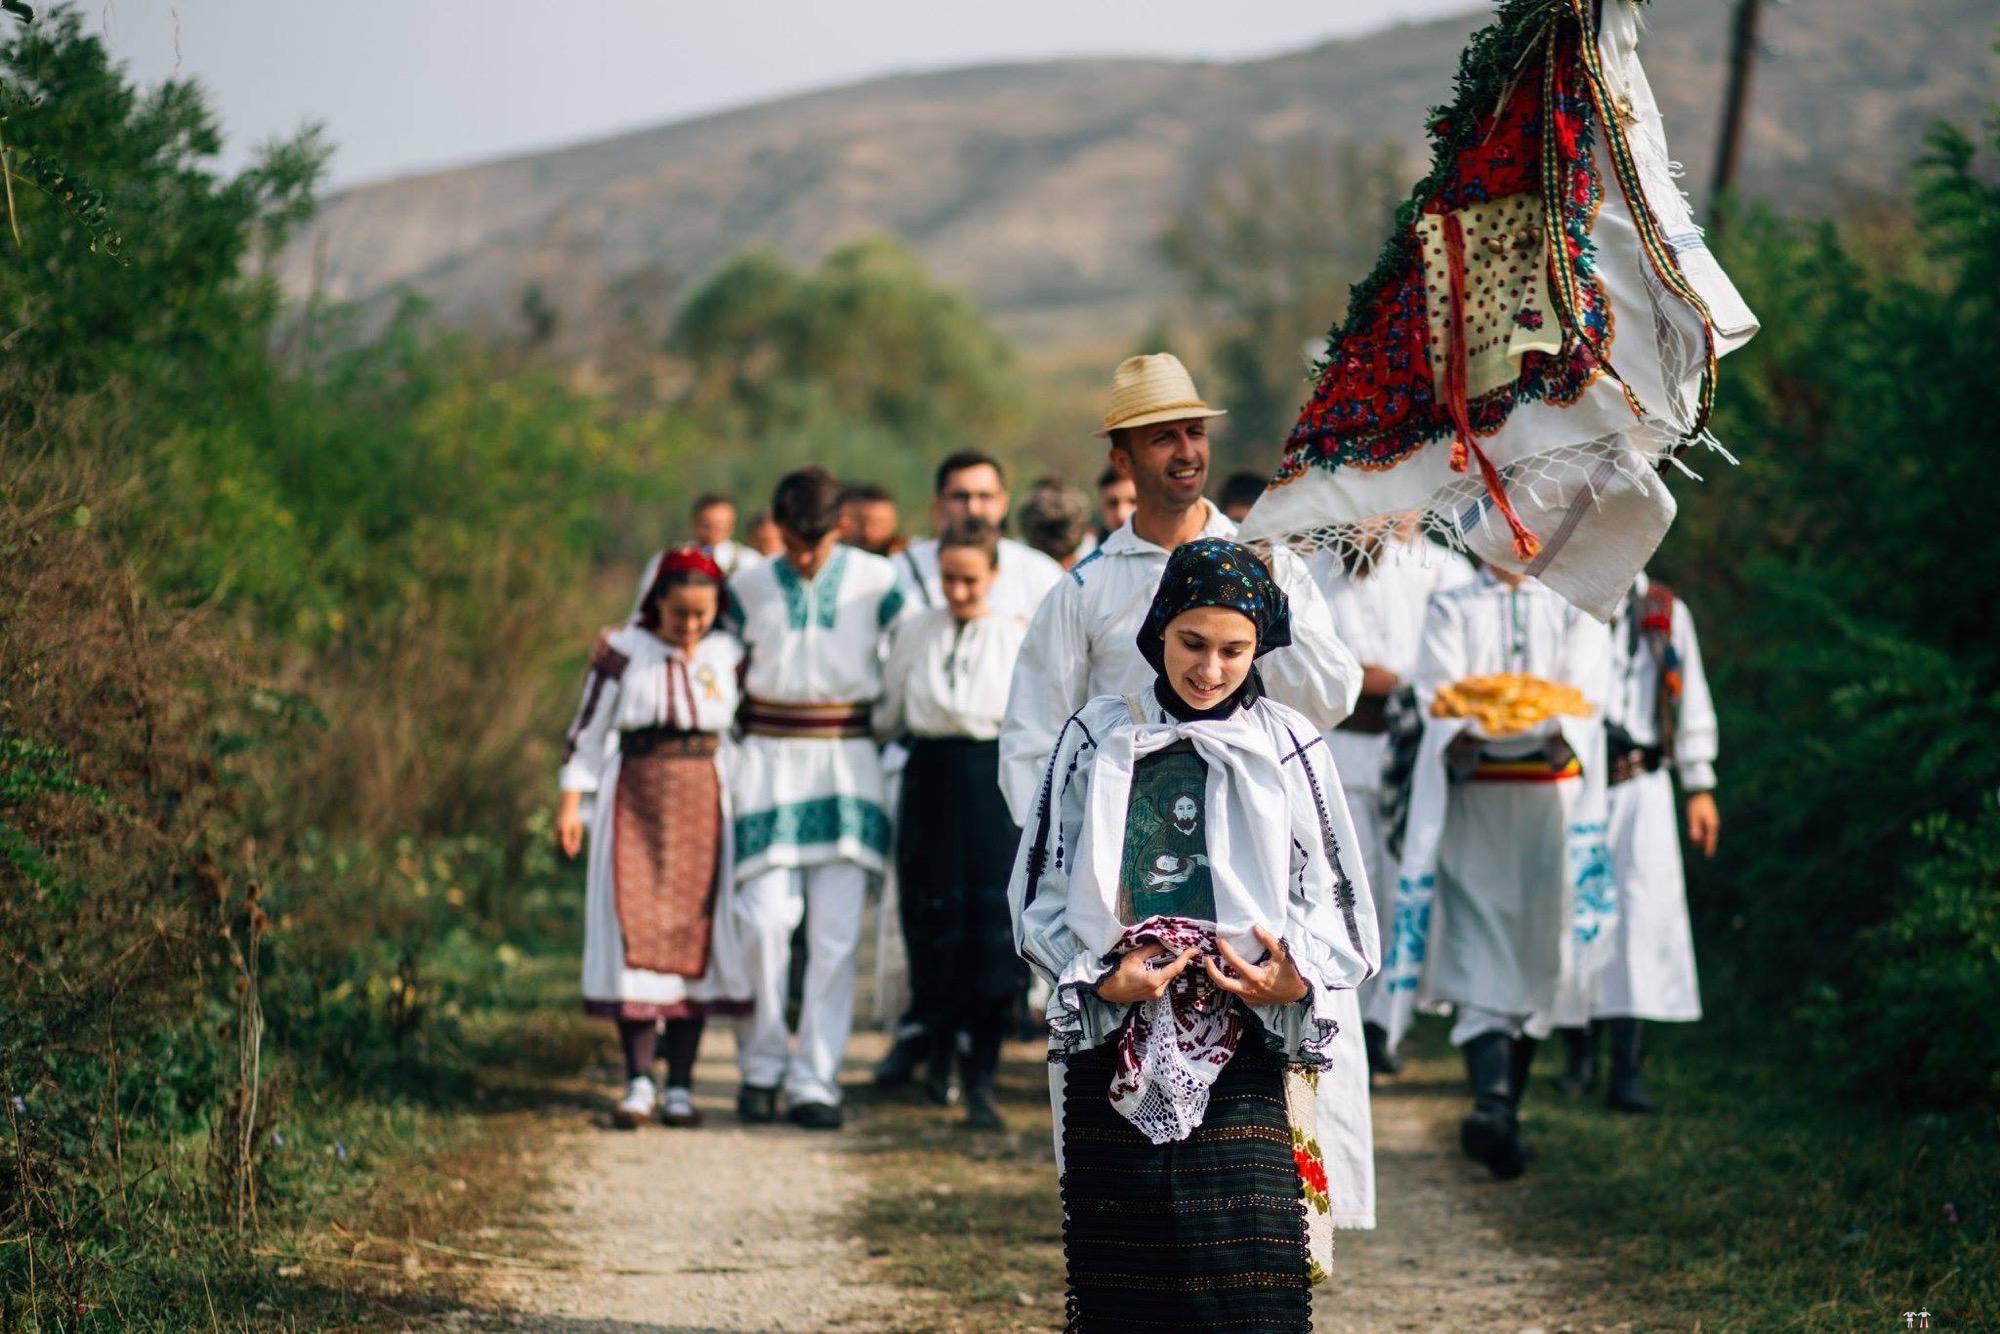 Povești Nunți Tradiționale - Andreea și Sergiu. Nuntă tradițională în Alba-Iulia 1